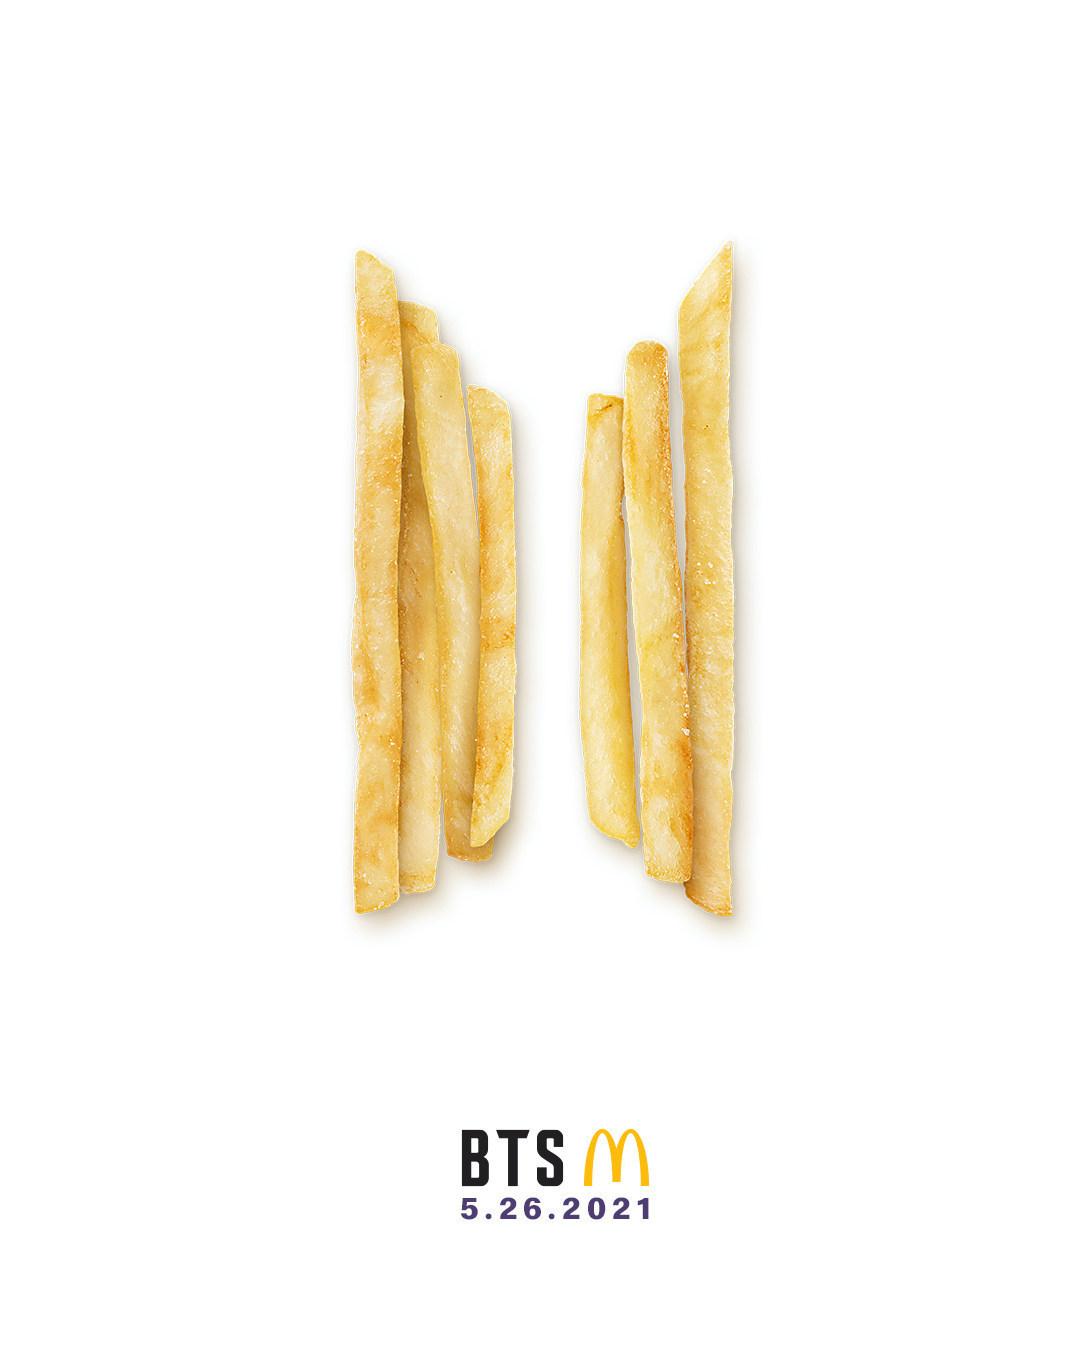 (Credit: McDonald's)